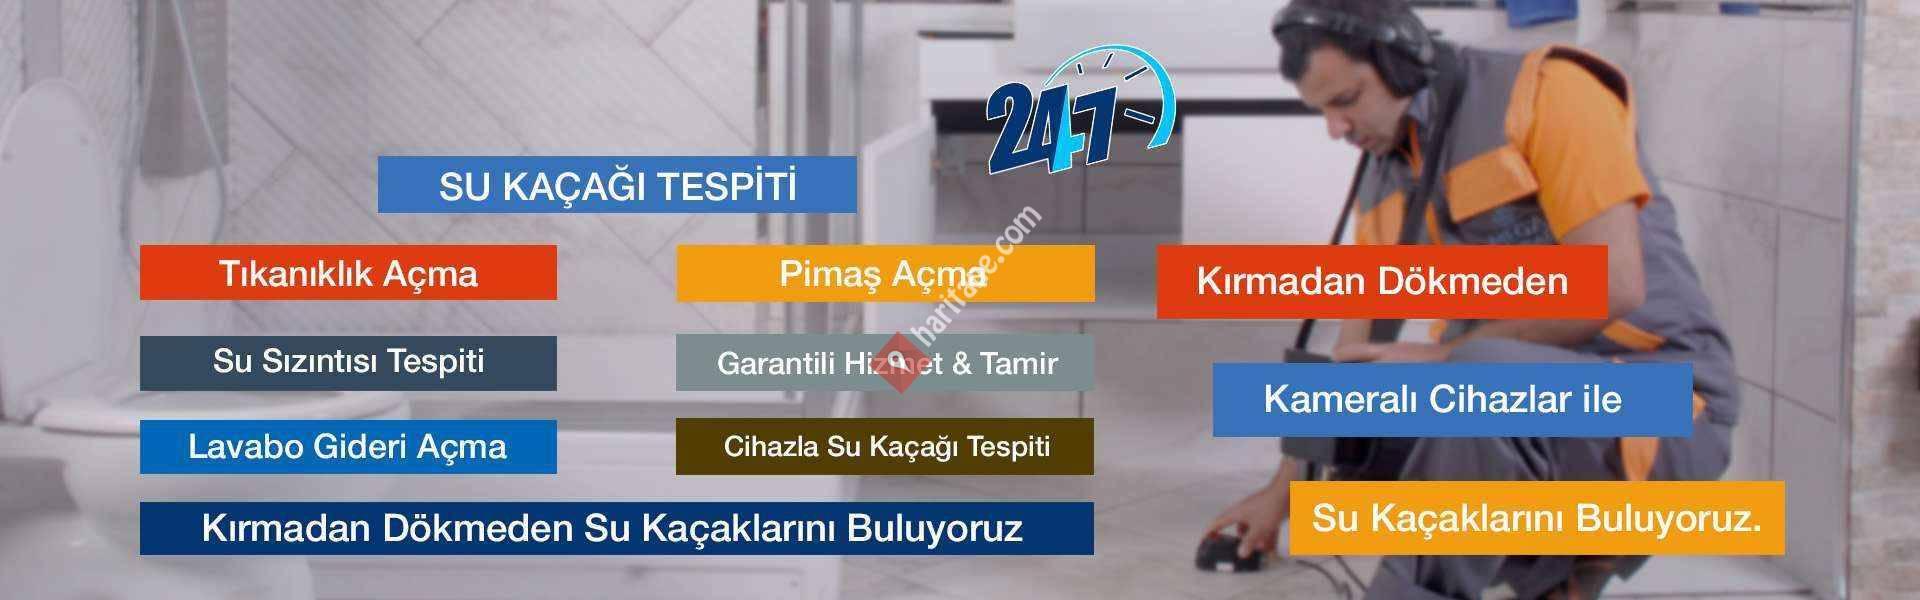 KARTAL SU KAÇAĞI TESPİTİ - KARTAL TIKANIKLIK AÇMA